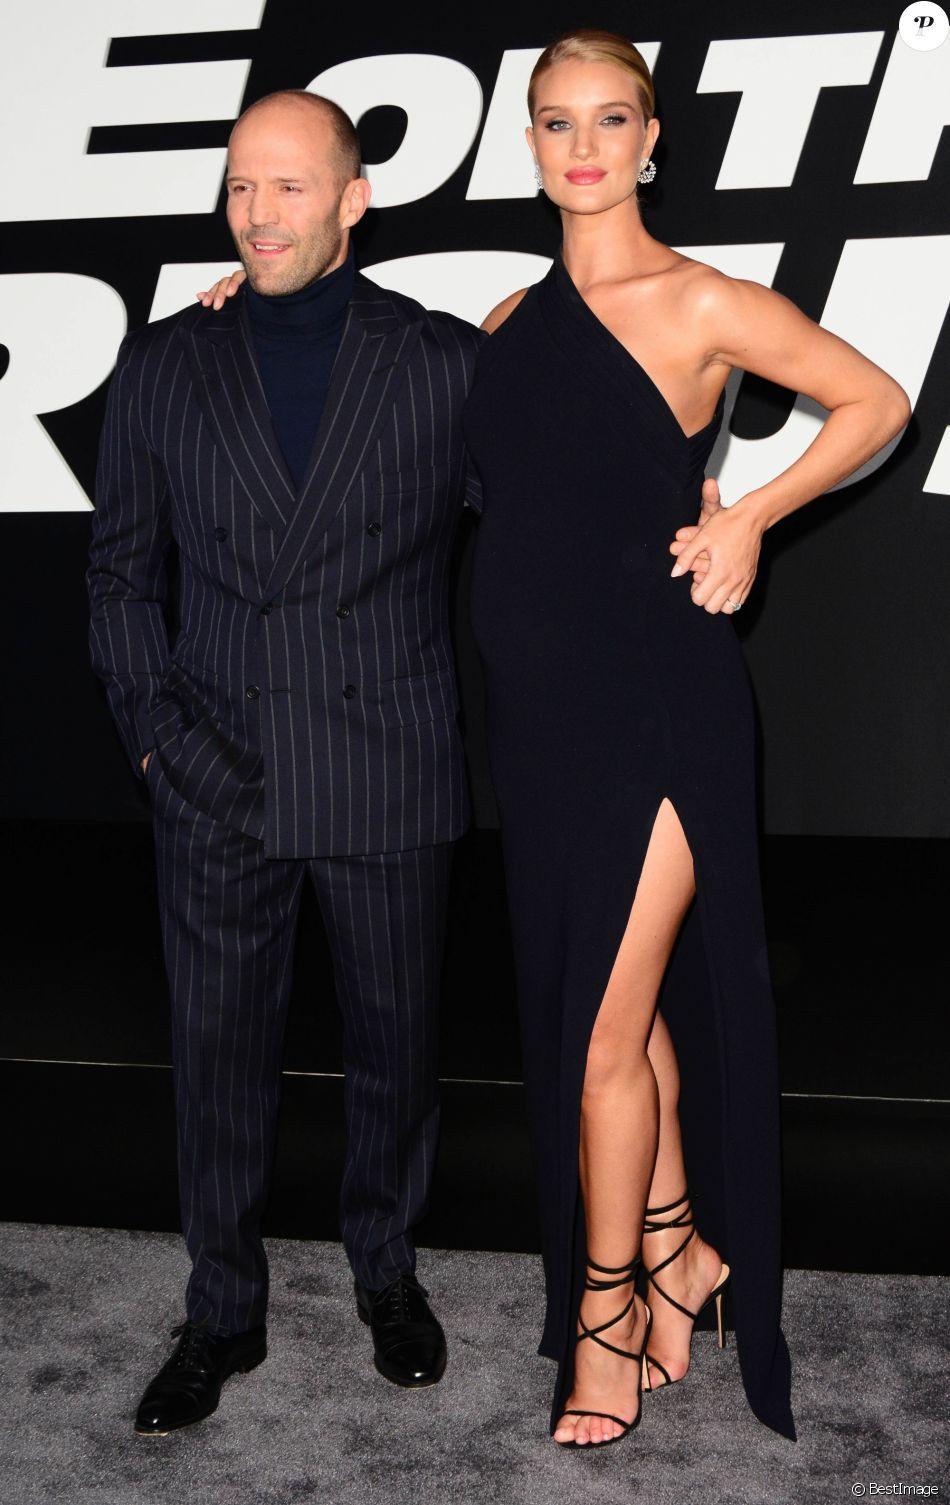 Jason Statham et sa compagne Rosie Huntington-Whiteley enceinte à la première du film 'Fate Of The Furious' à New York, le 8 avril 2017